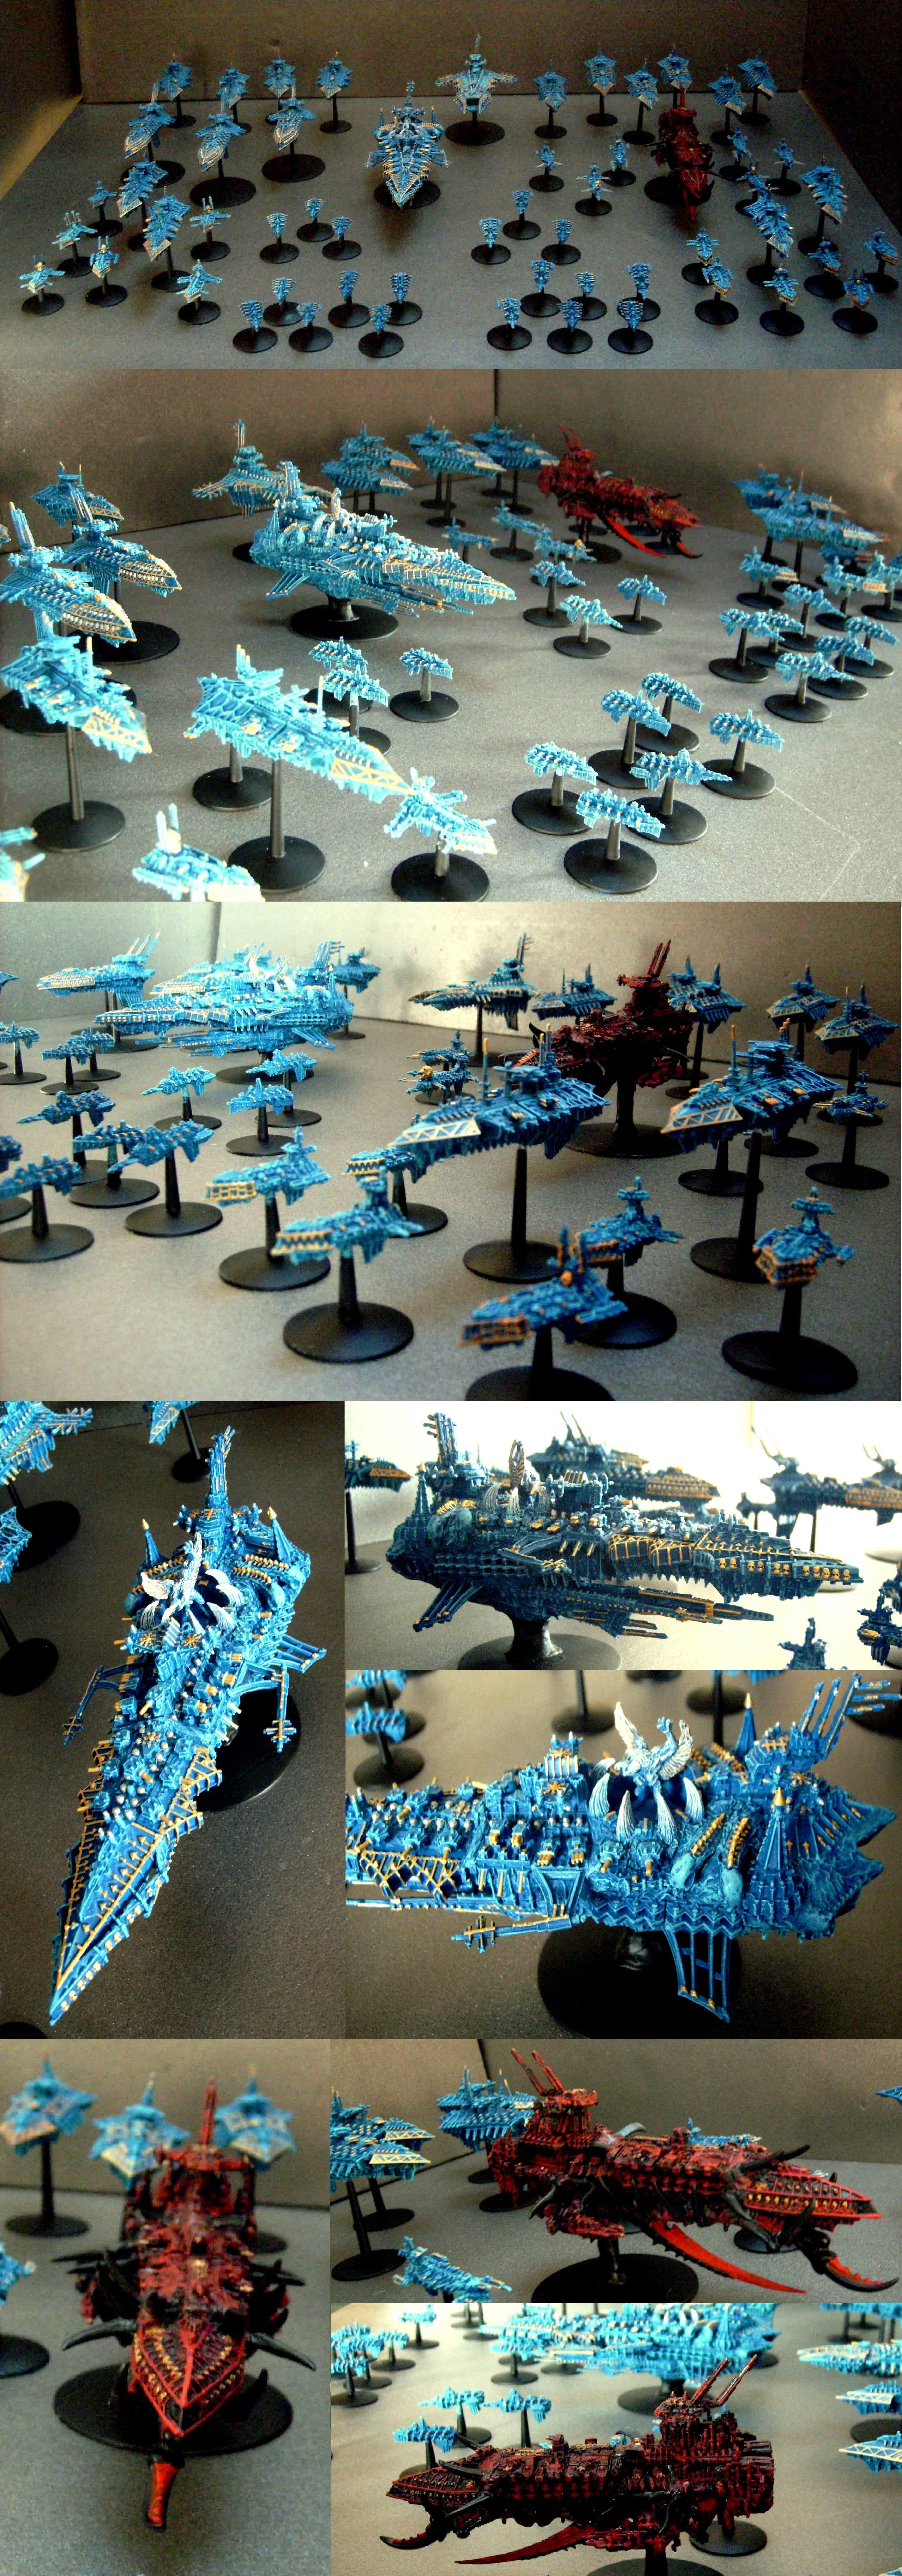 Battlefleet Gothic, Battleship, Chaos, Cruiser, Daemons, Daemonship, Fleet, Gothic, Iron Warriors, Tzeentch, Vessels